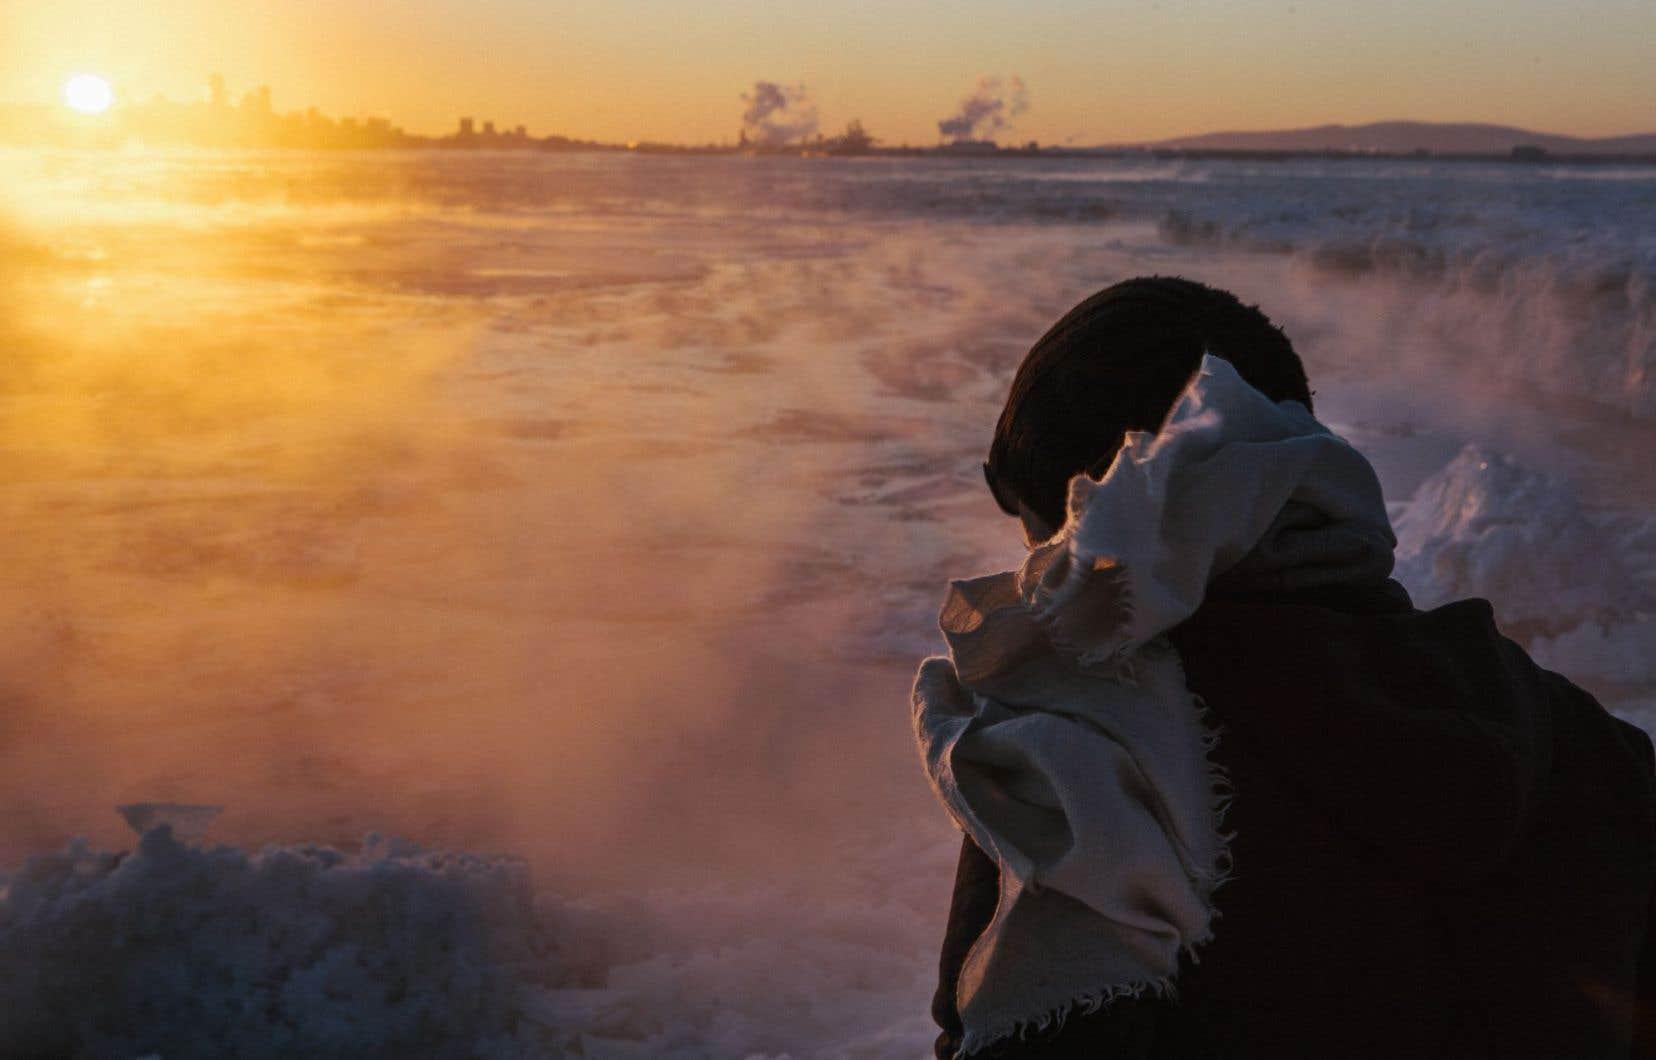 «Pour moi, la neige représente surtout un moment d'arrêt, explique Christian Guay-Poliquin. Quand la neige s'accumule sur un paysage, sur une région, toute la vie organique s'arrête.»